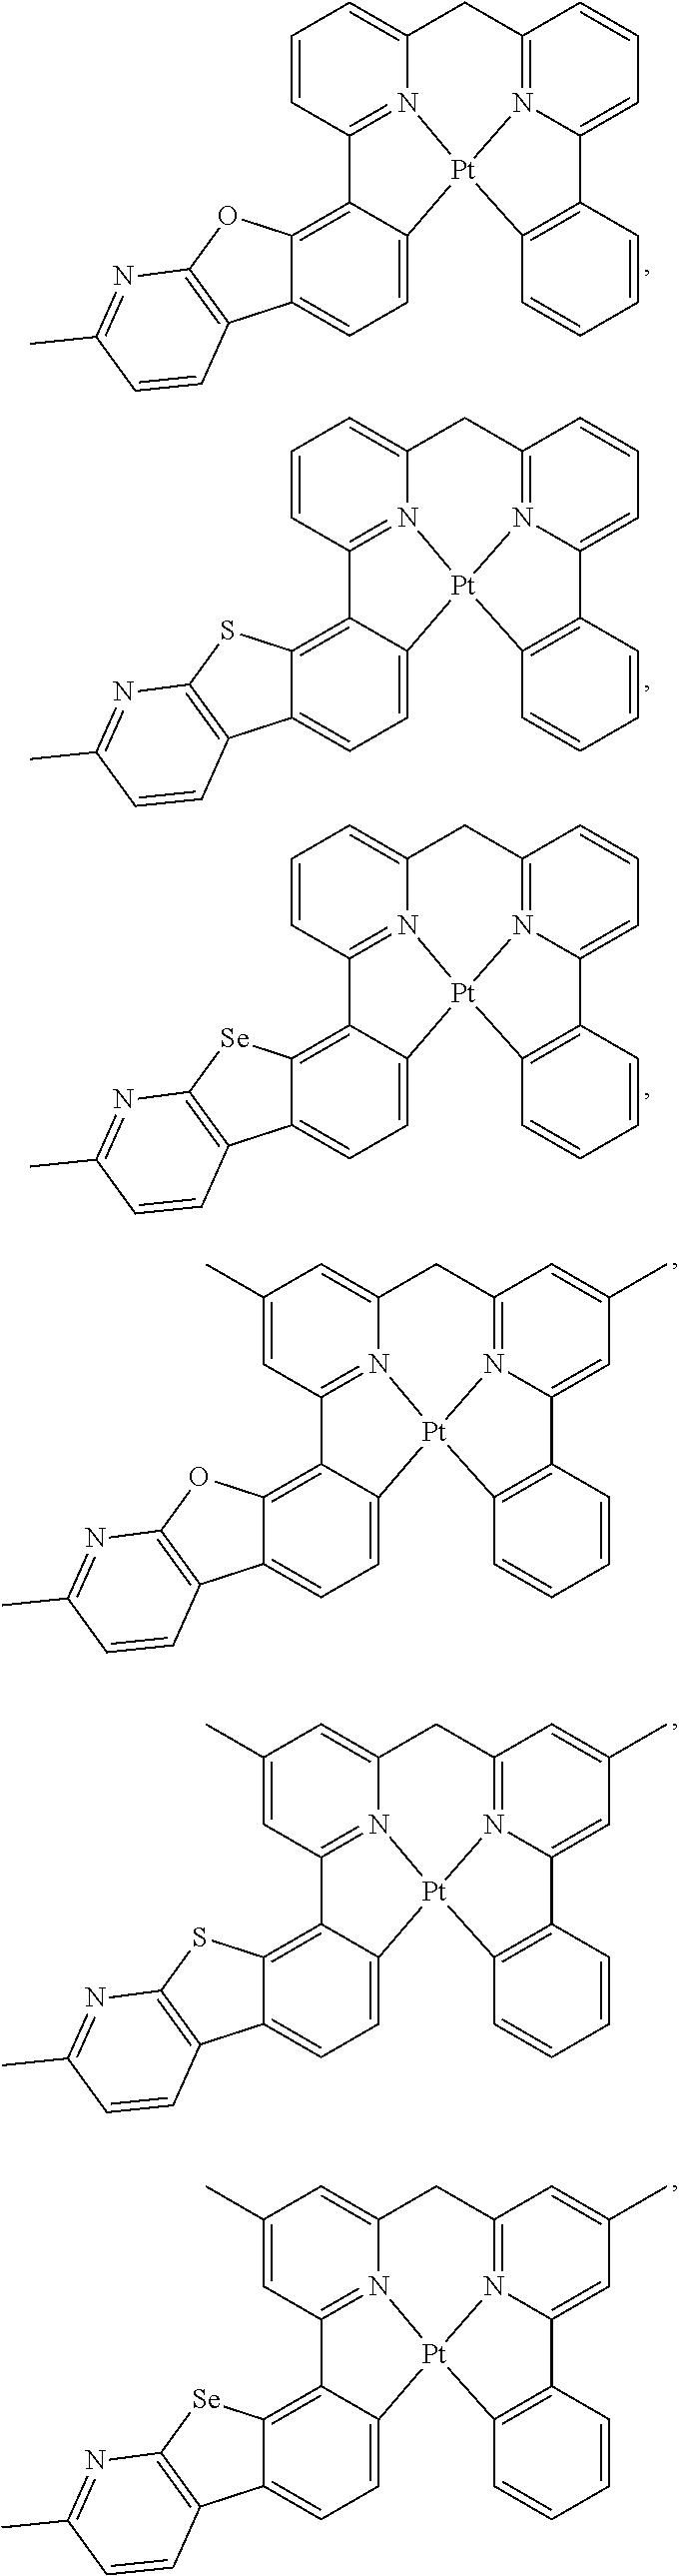 Figure US09871214-20180116-C00008